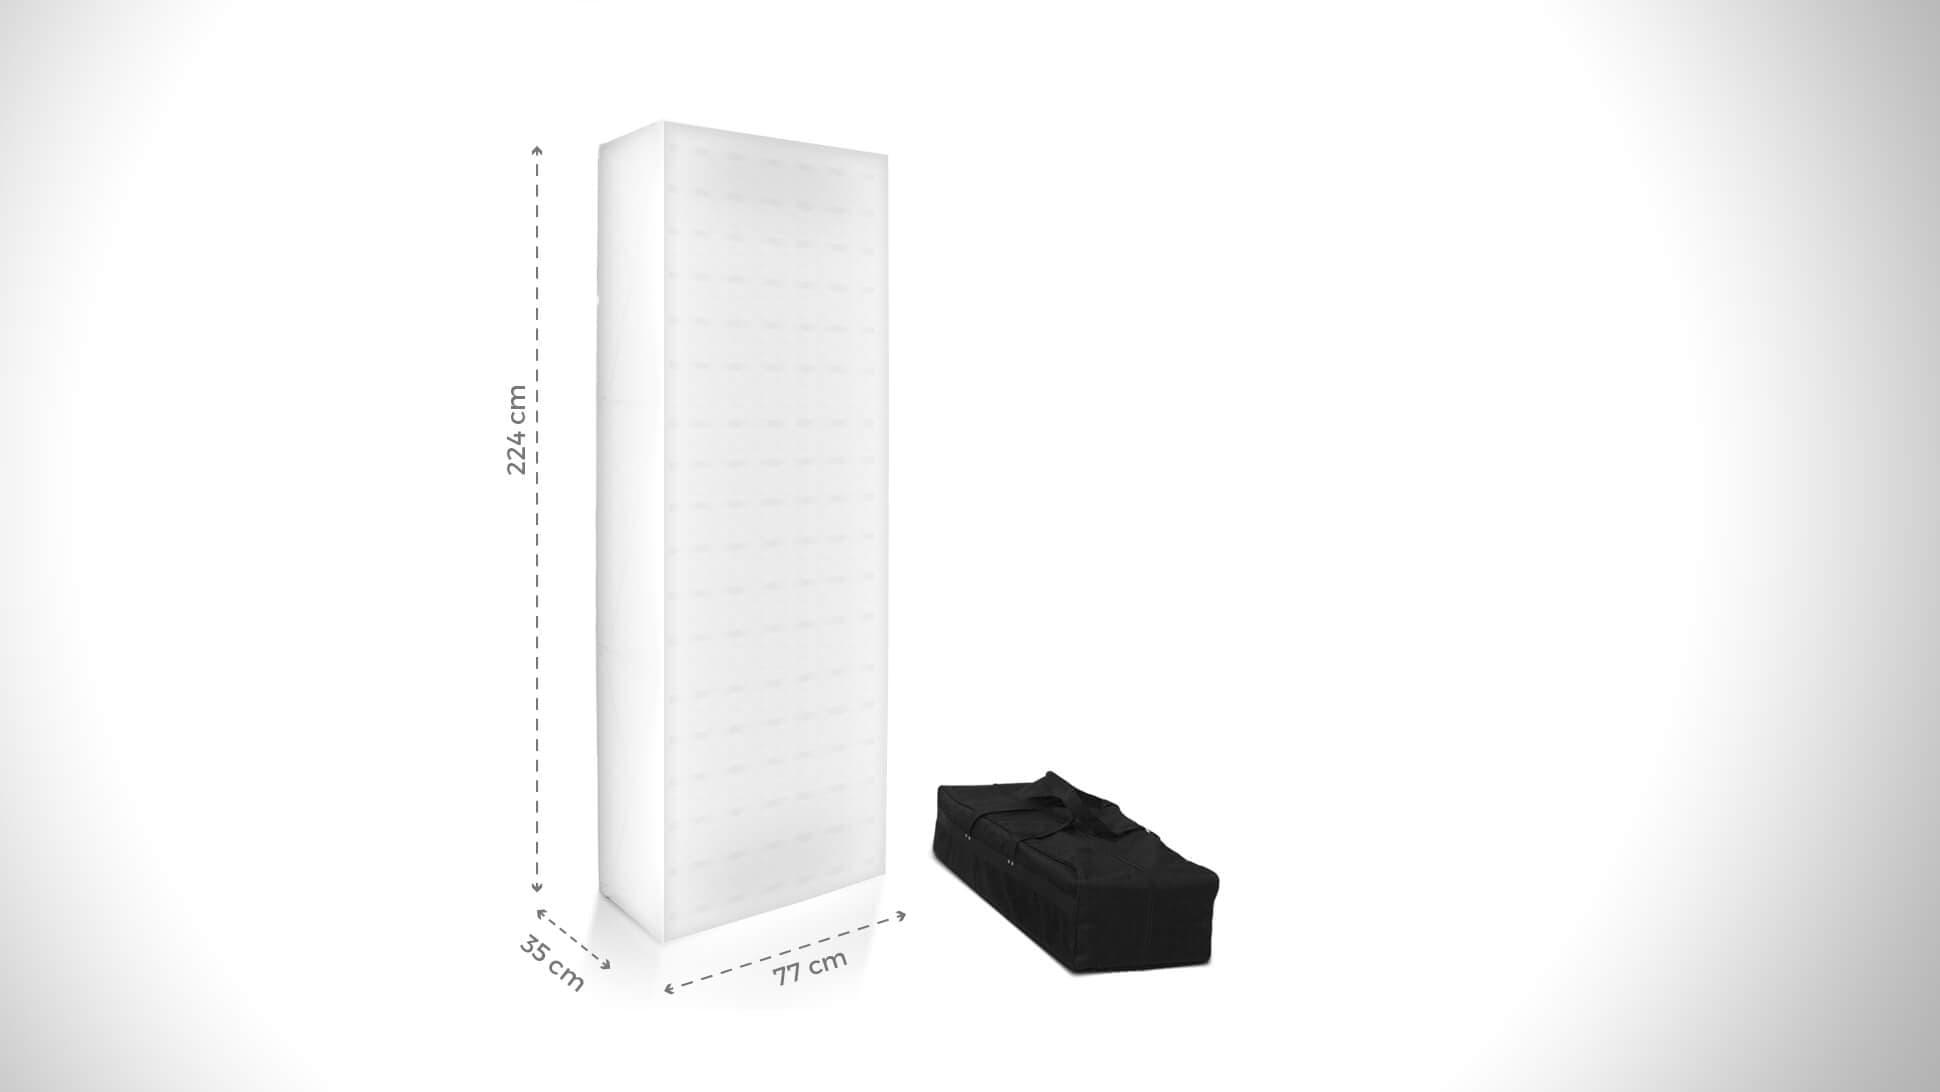 Totem promozionale personalizzabile 224x77 cm con borsone   tictac.it